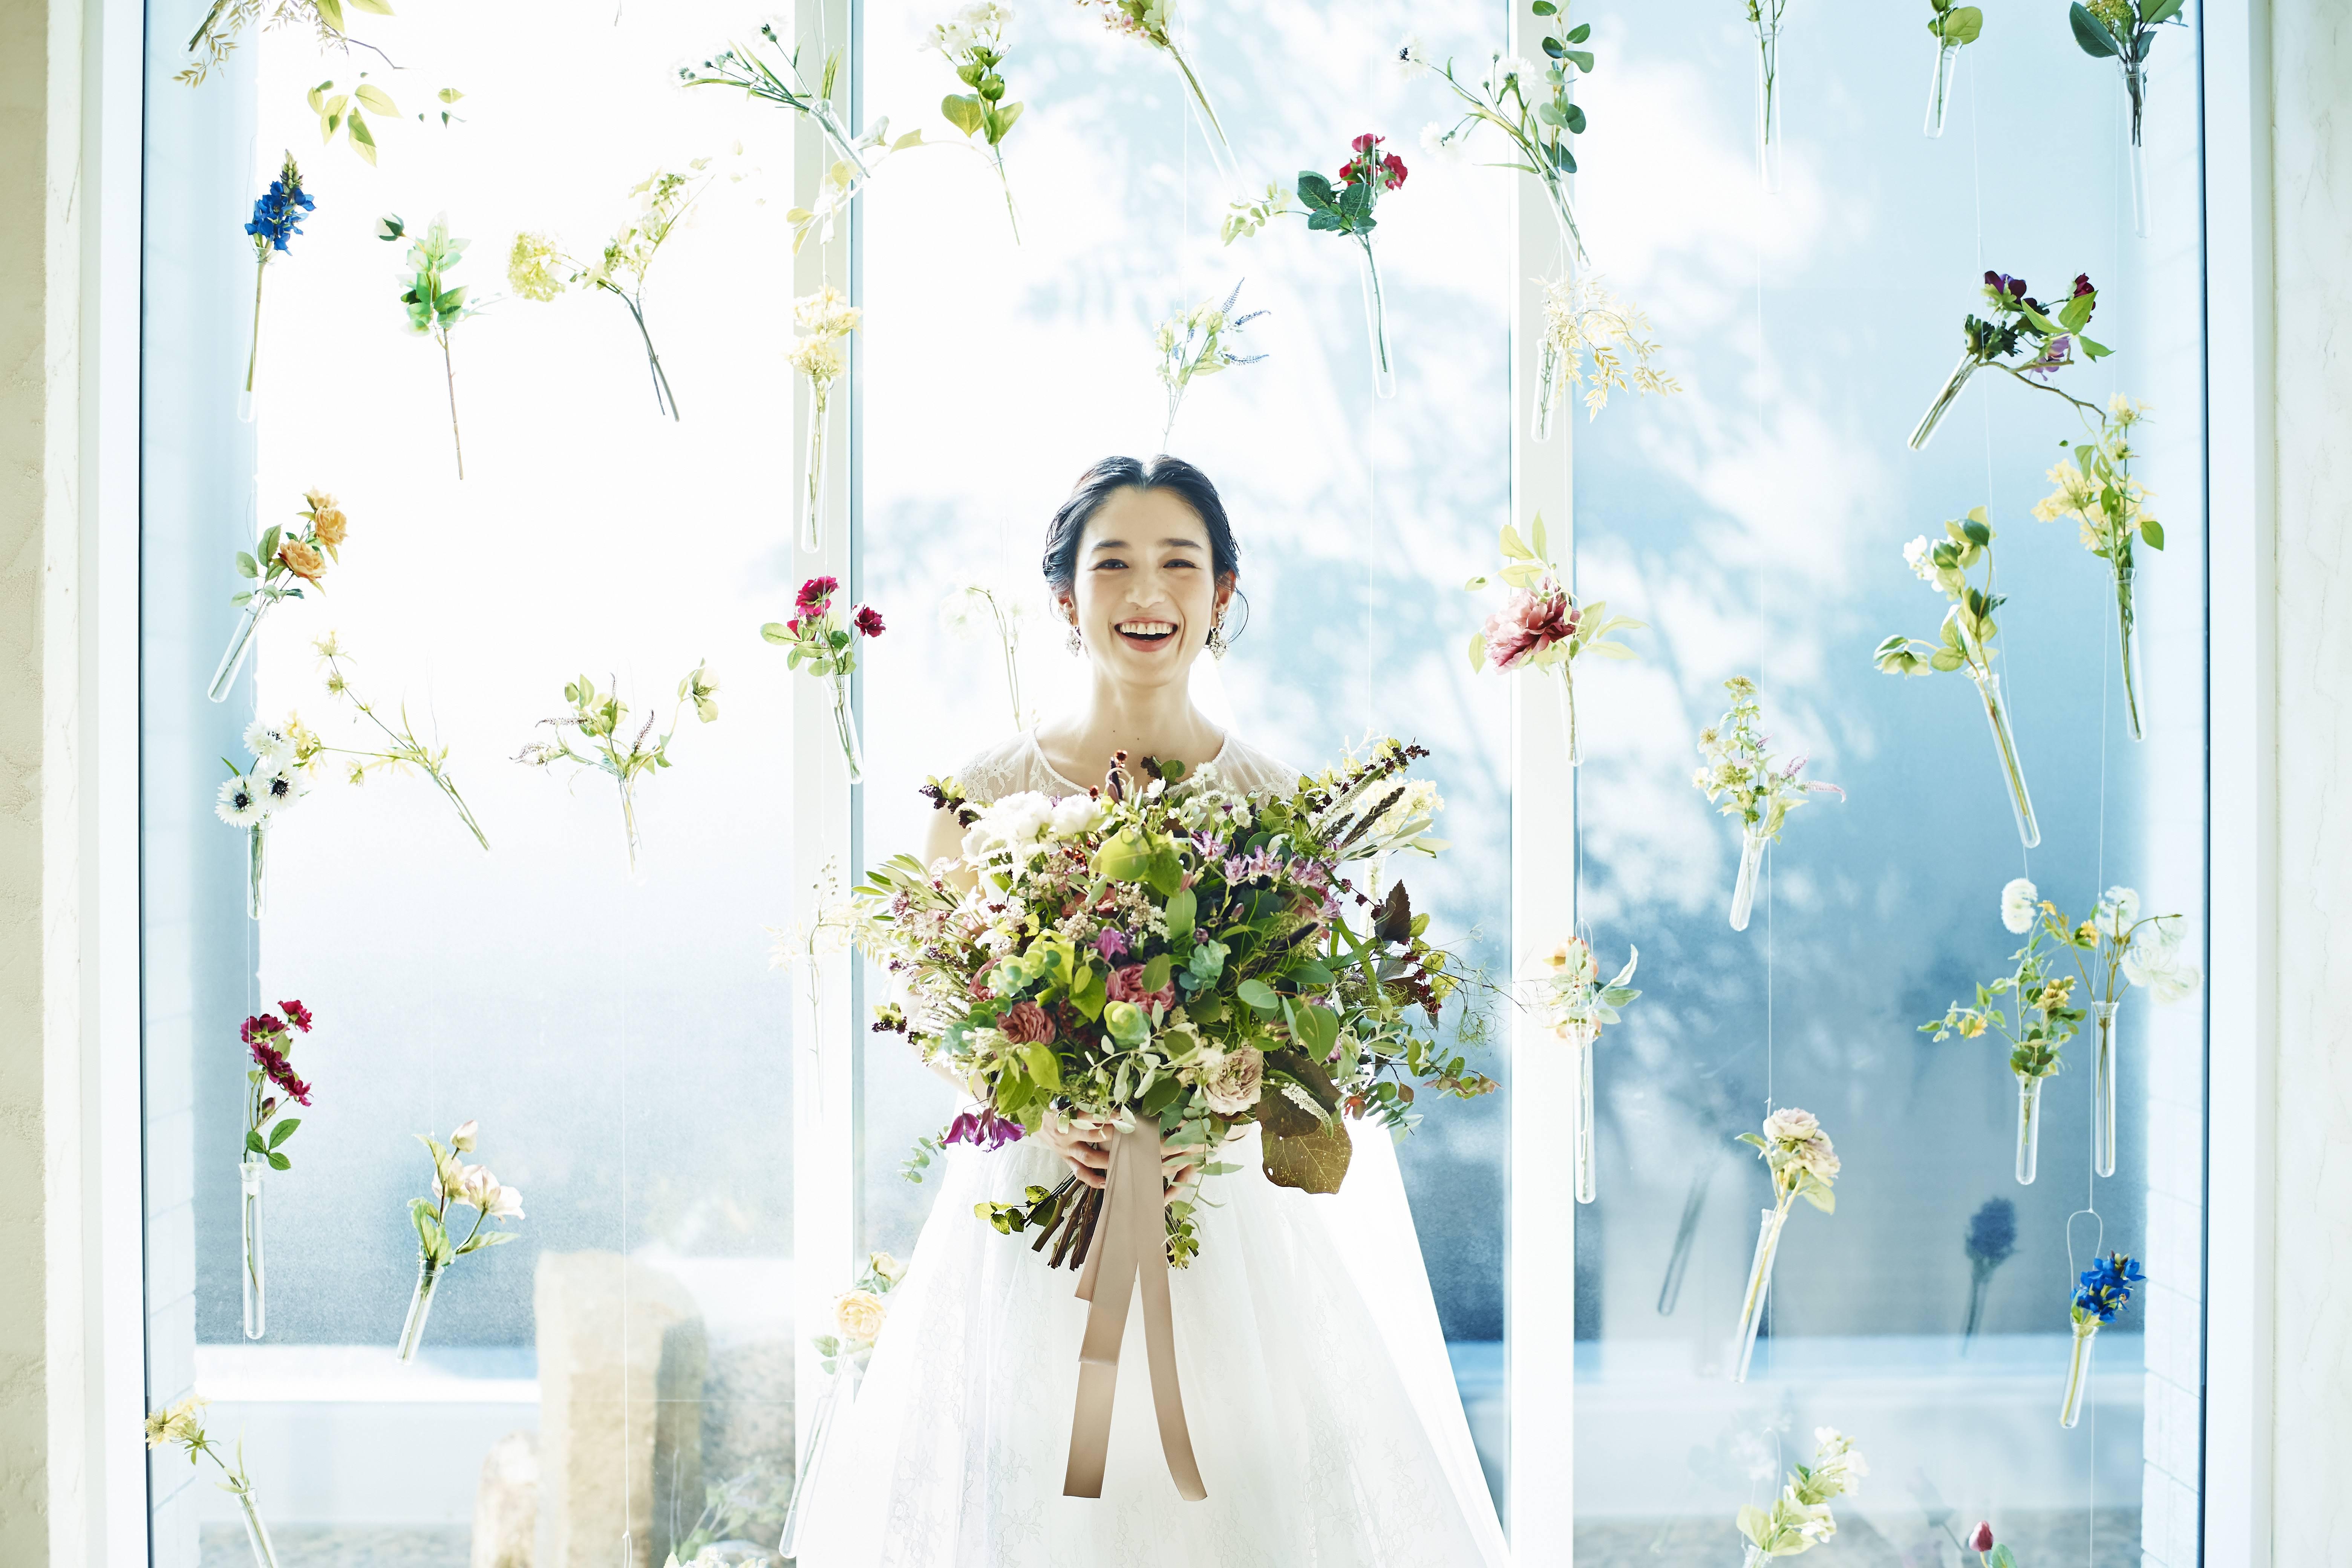 岡山モノリス 結婚式 フェア2